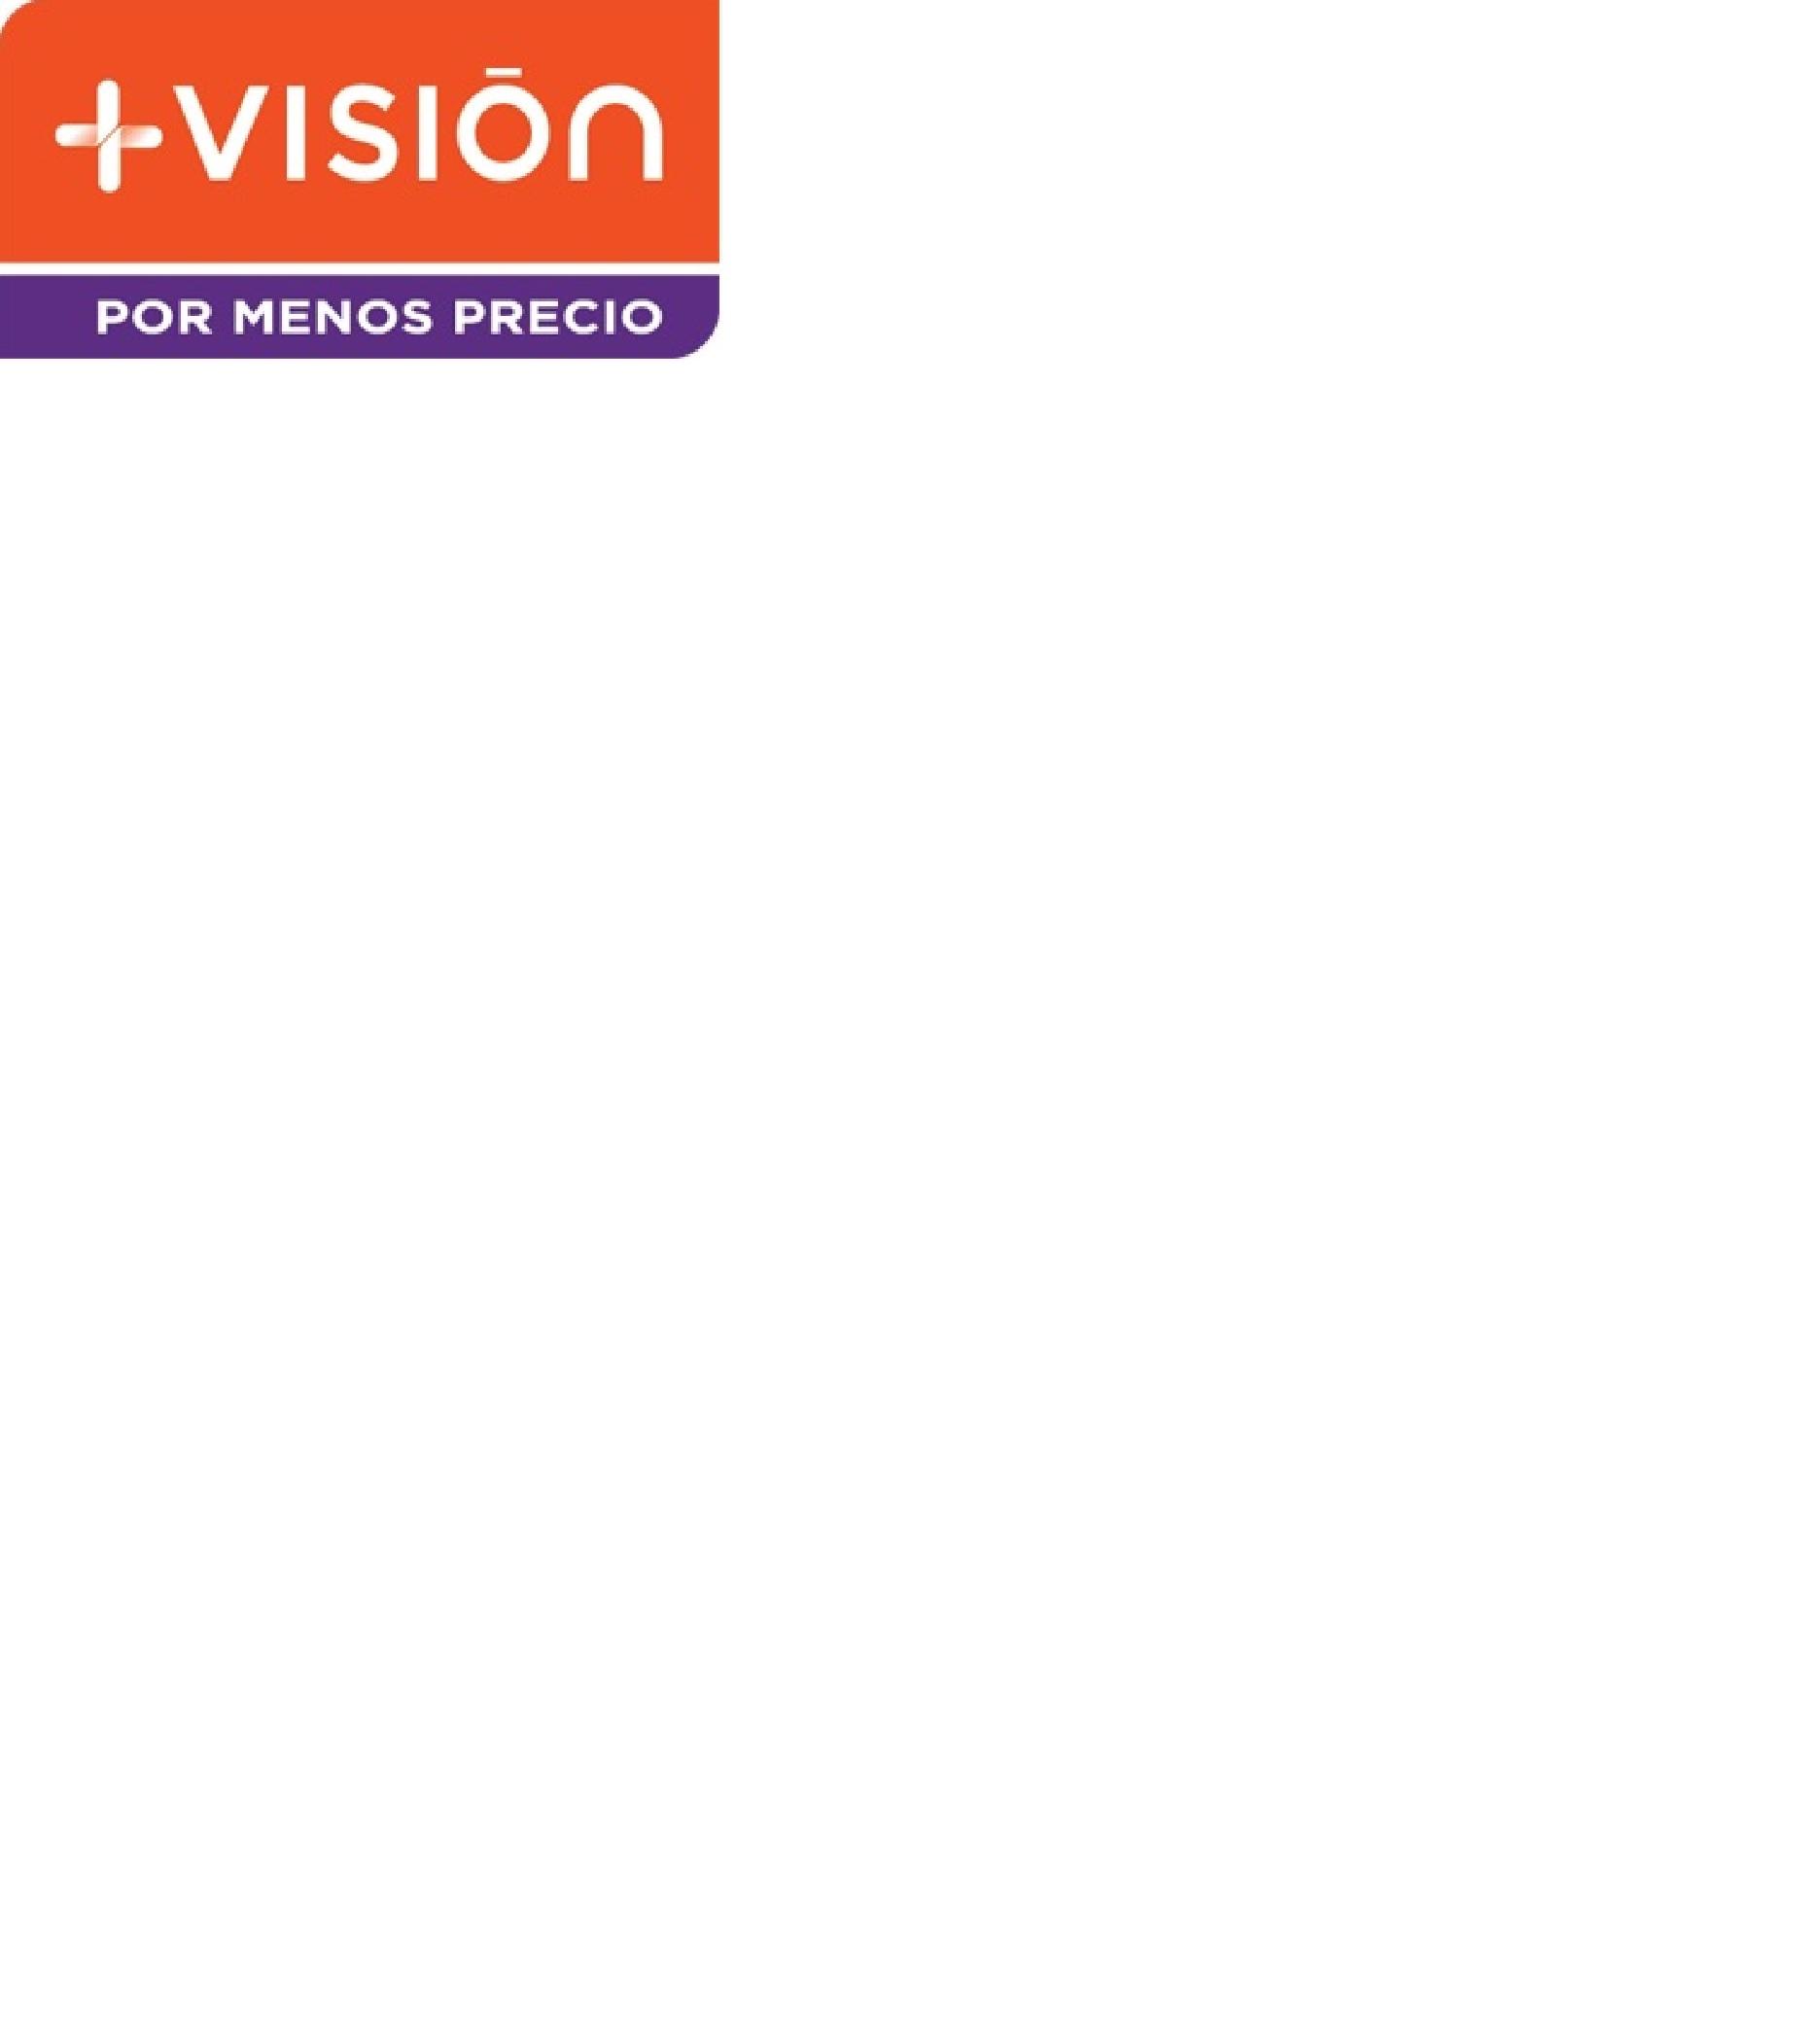 Perfil de Opticas mas Vision